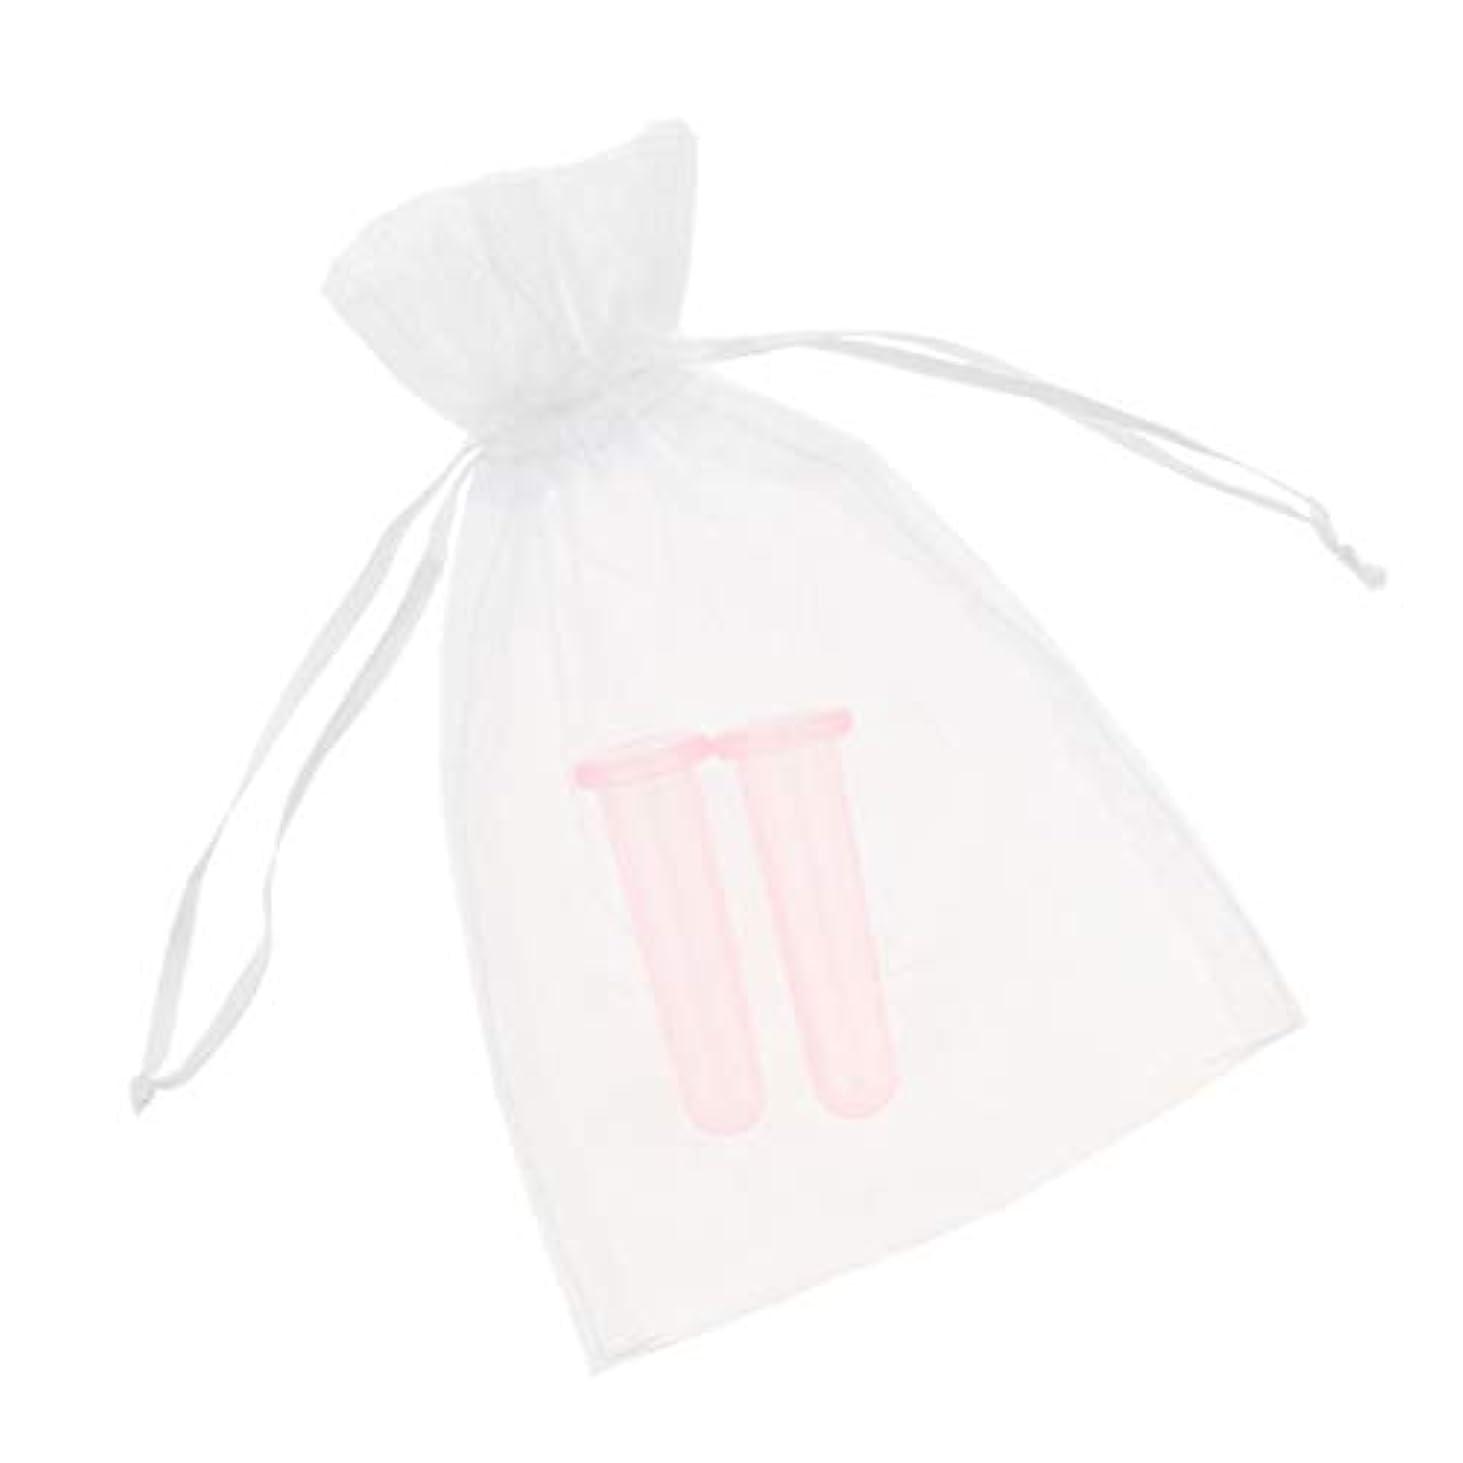 制裁なんとなく有毒FLAMEER 2個 真空顔用 シリコーン マッサージカップ 吸い玉 マッサージ カッピング 収納ポーチ付き 全2色 - ピンク